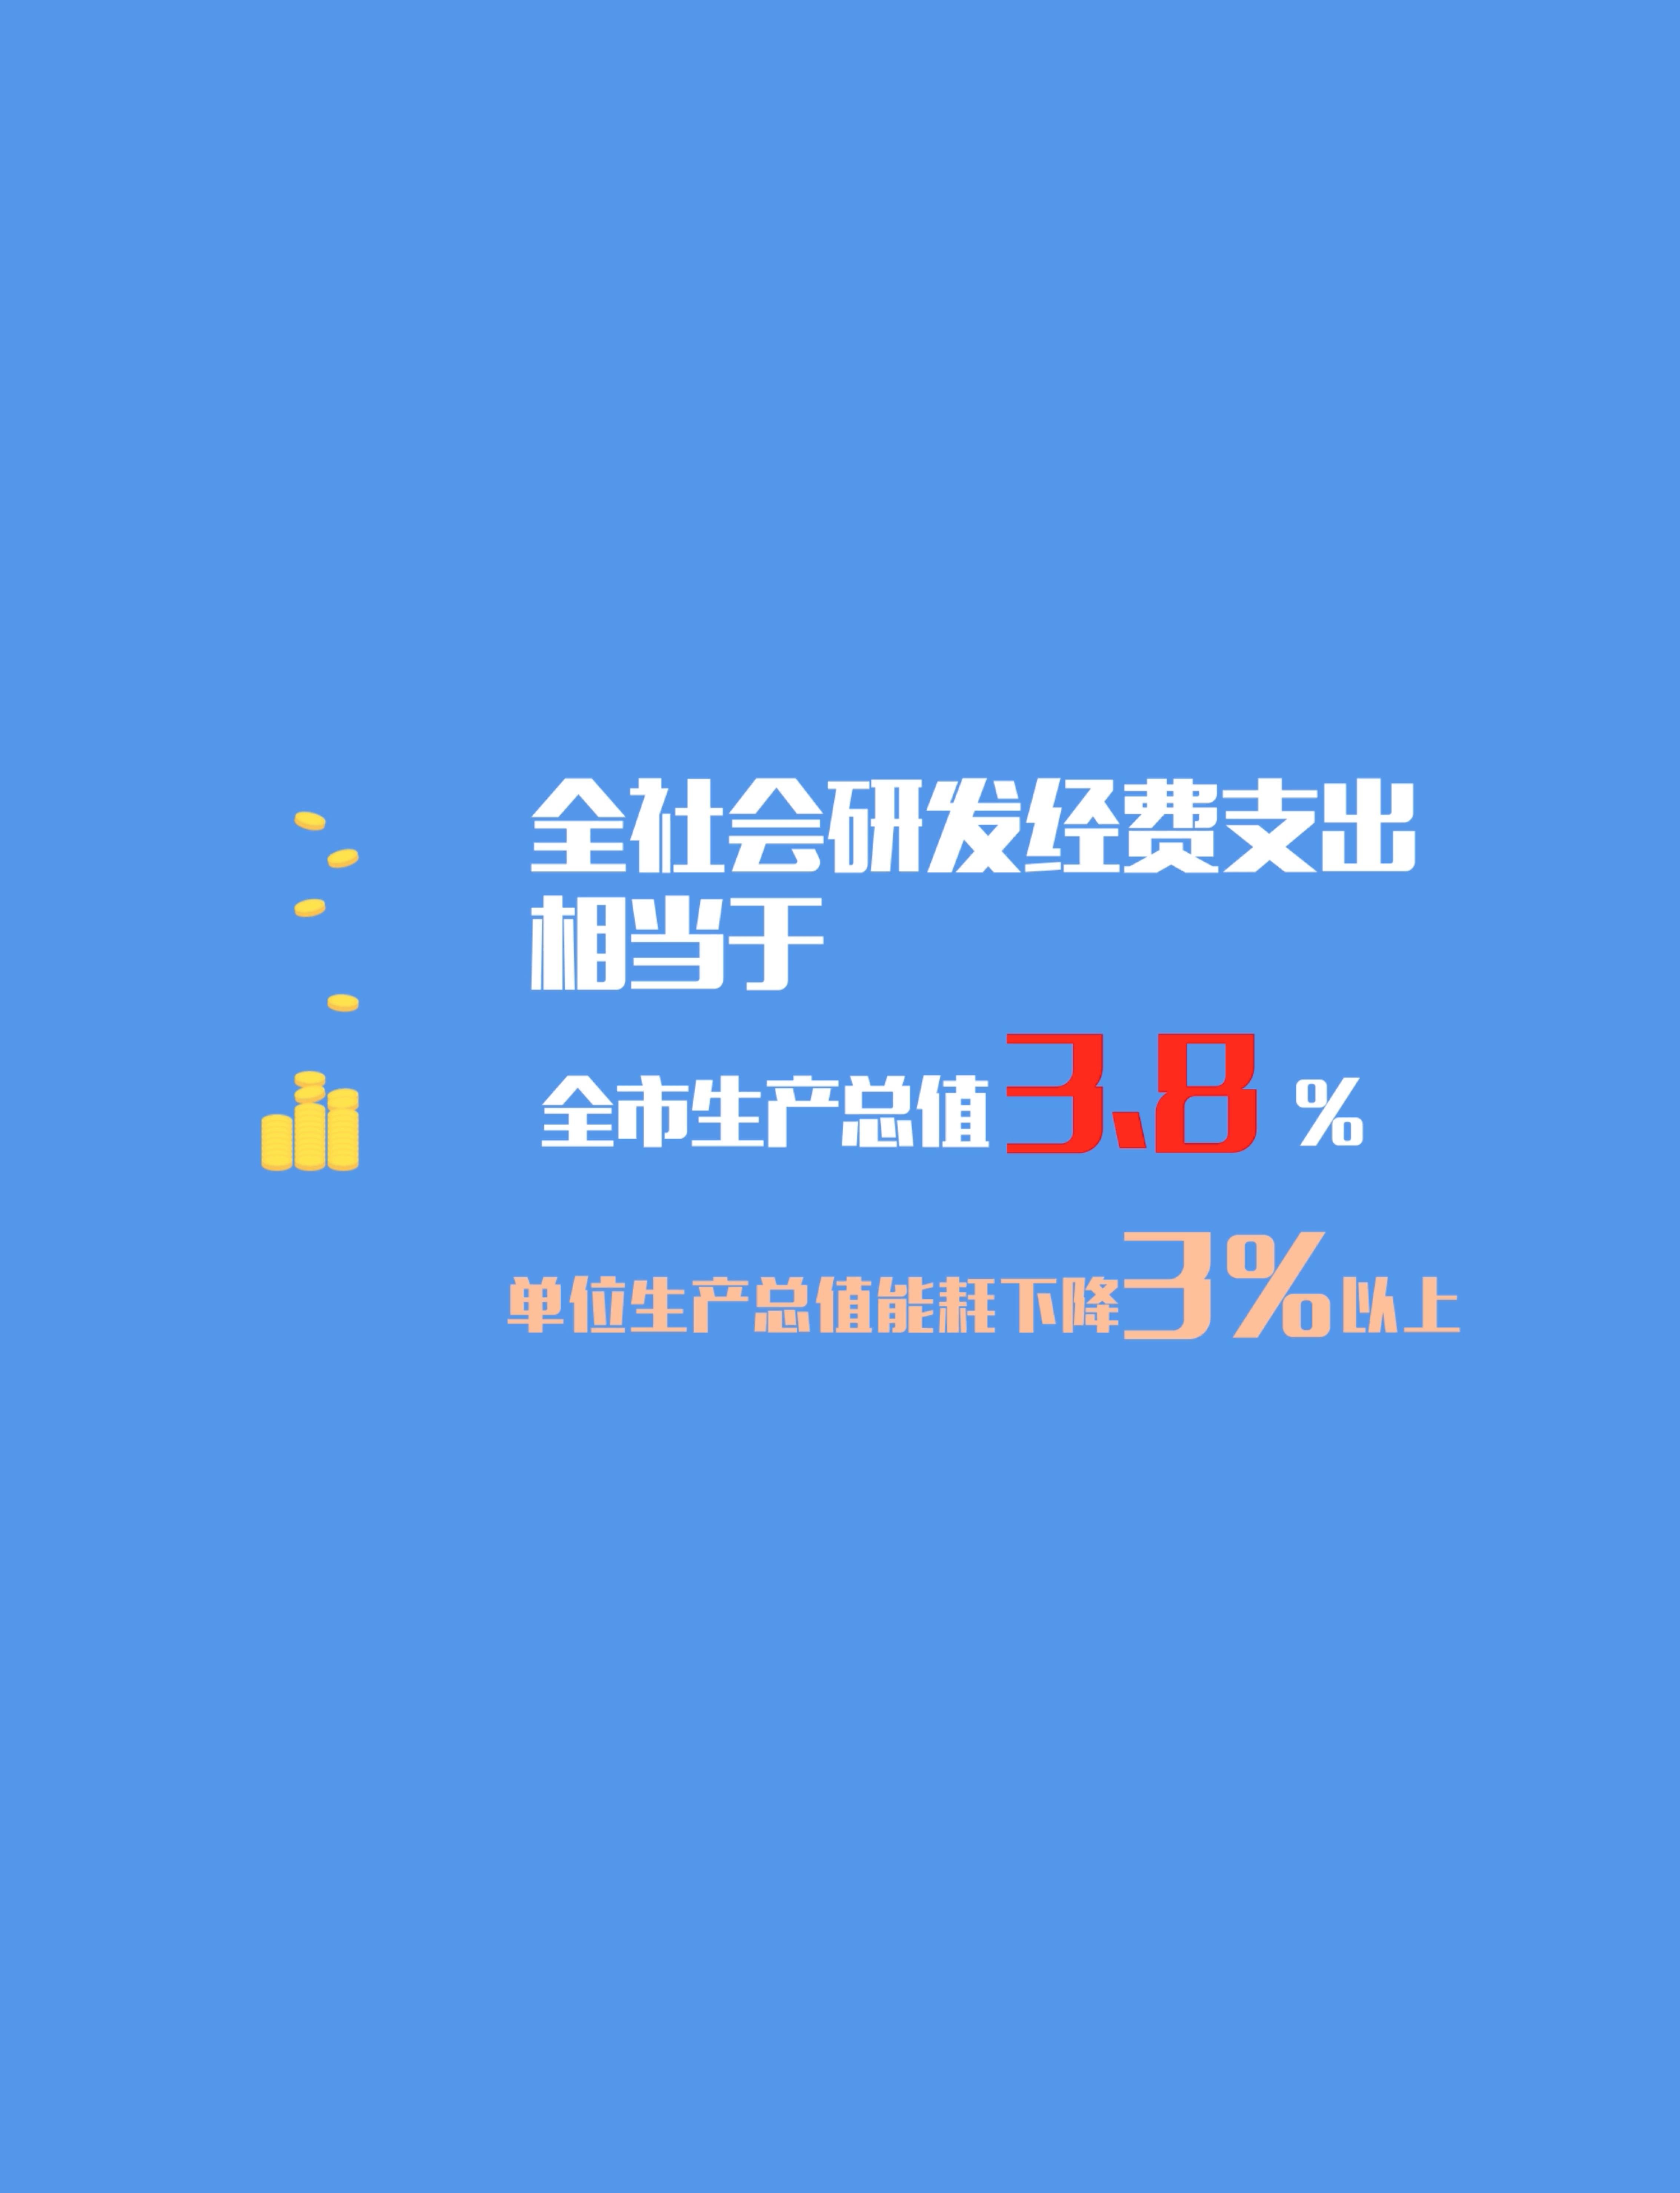 【动新闻】解读2017上海两会:数读上海市政府工作报告